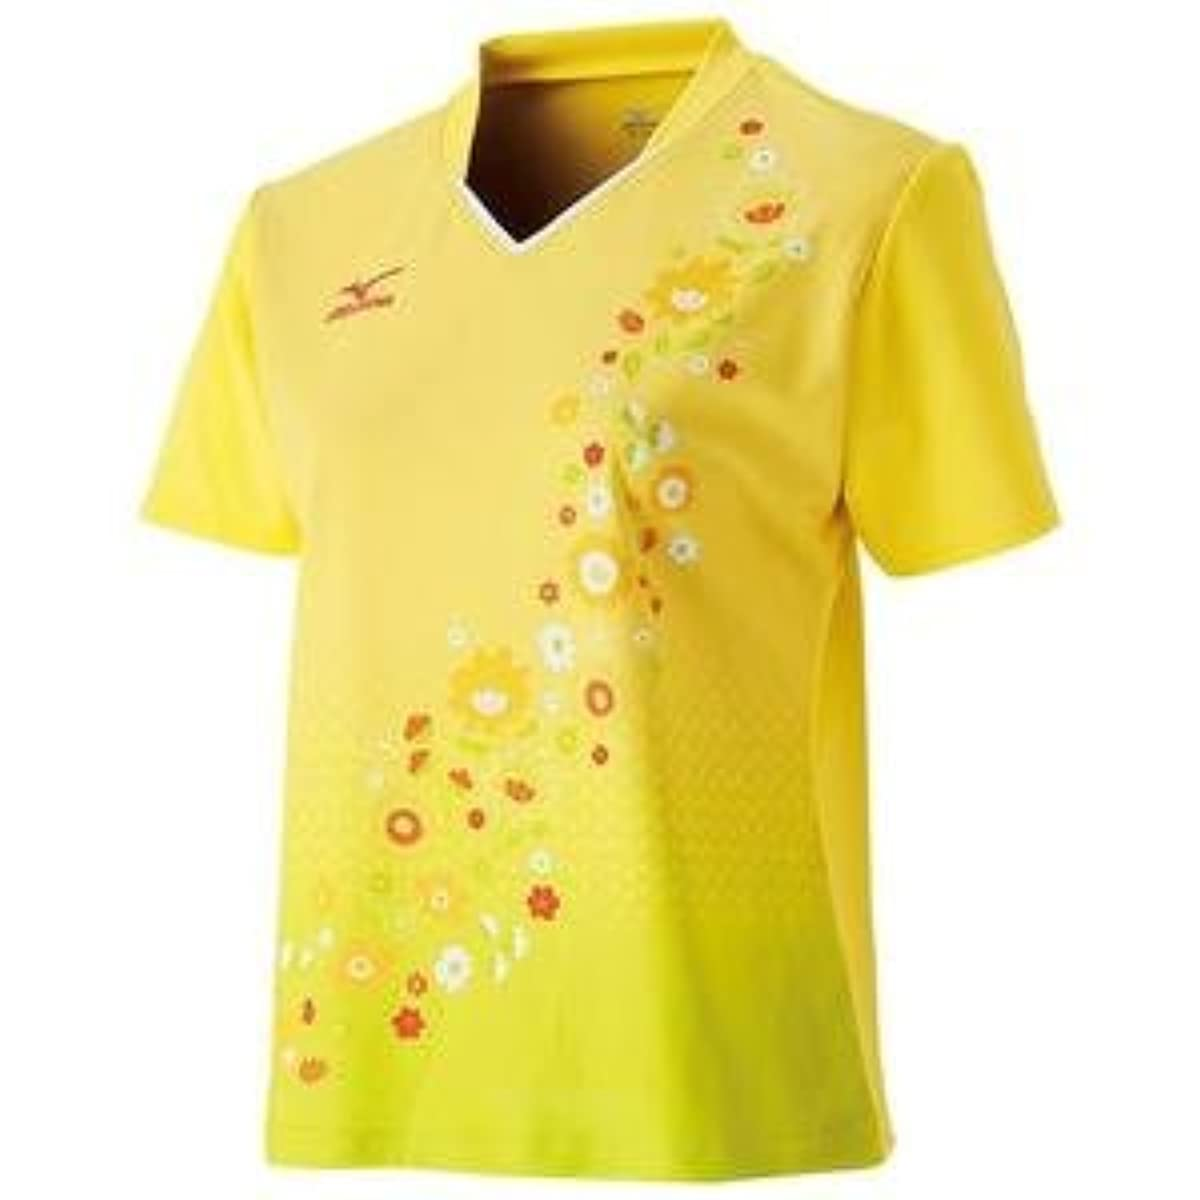 [해외] MIZUNO 게임 셔츠(탁구/레이디스)(블레이징옐로우) 주문 상품 사이즈:XL